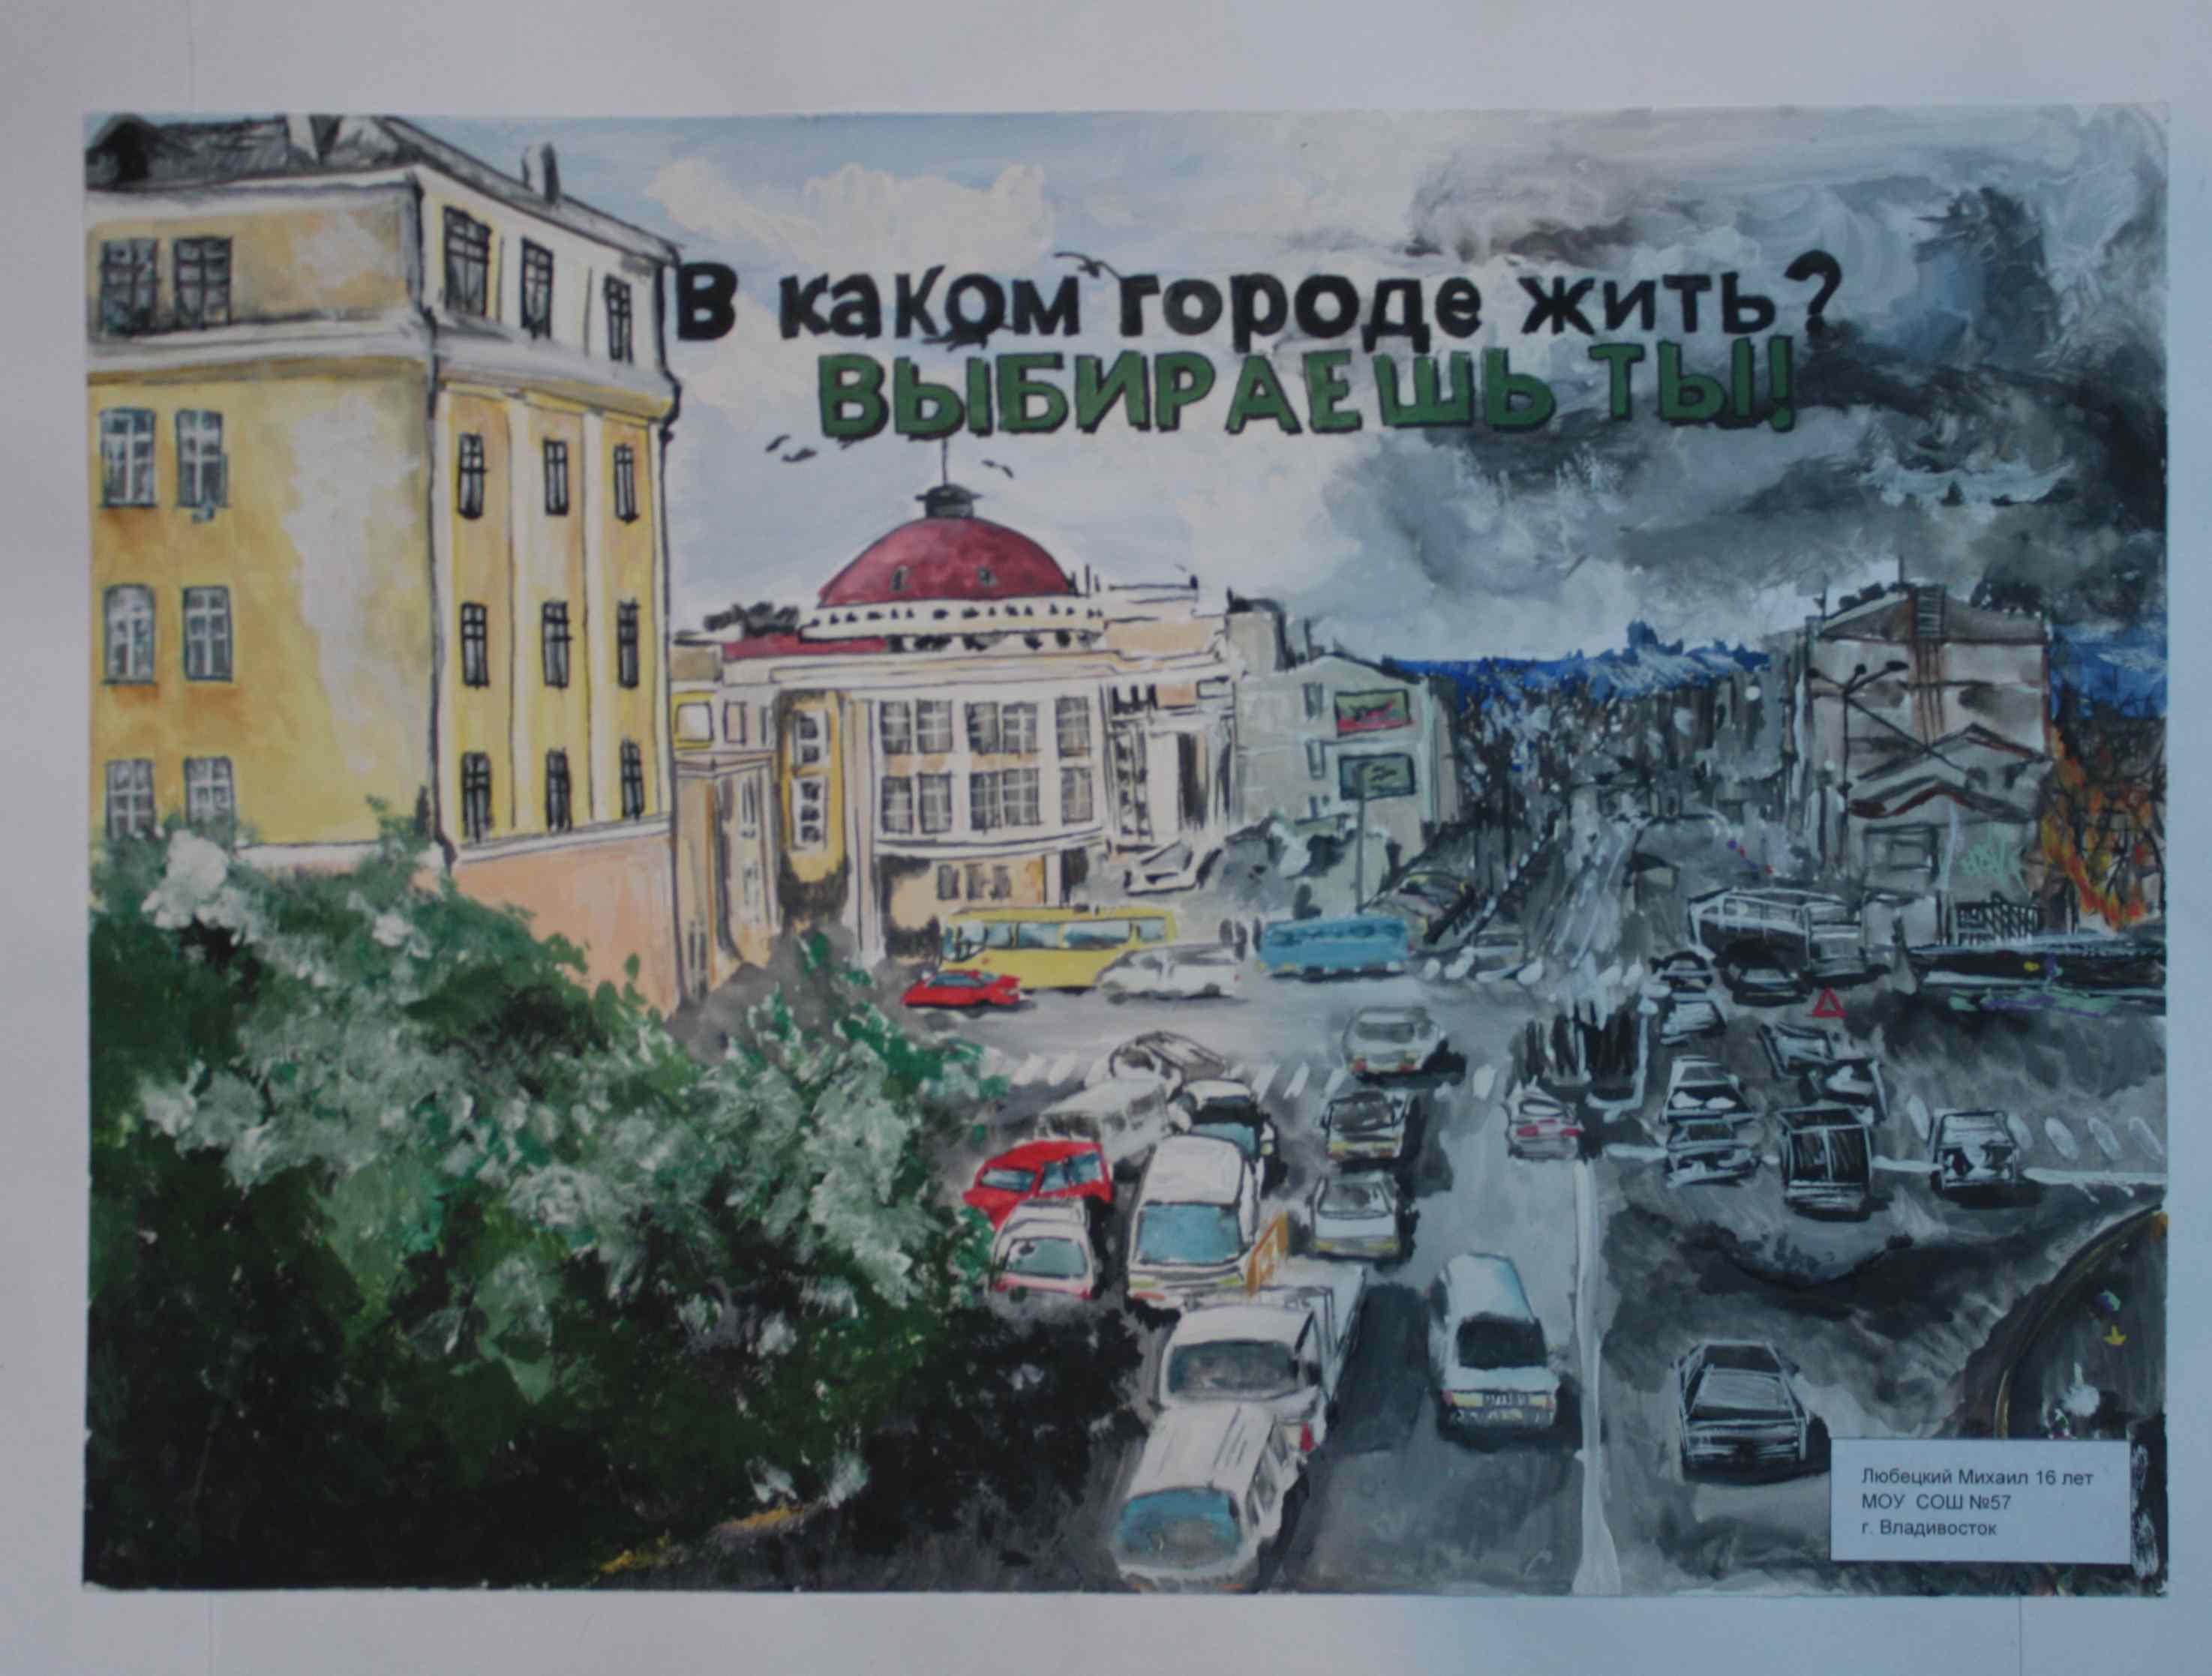 сочинение на тему санкт-петербург мой город